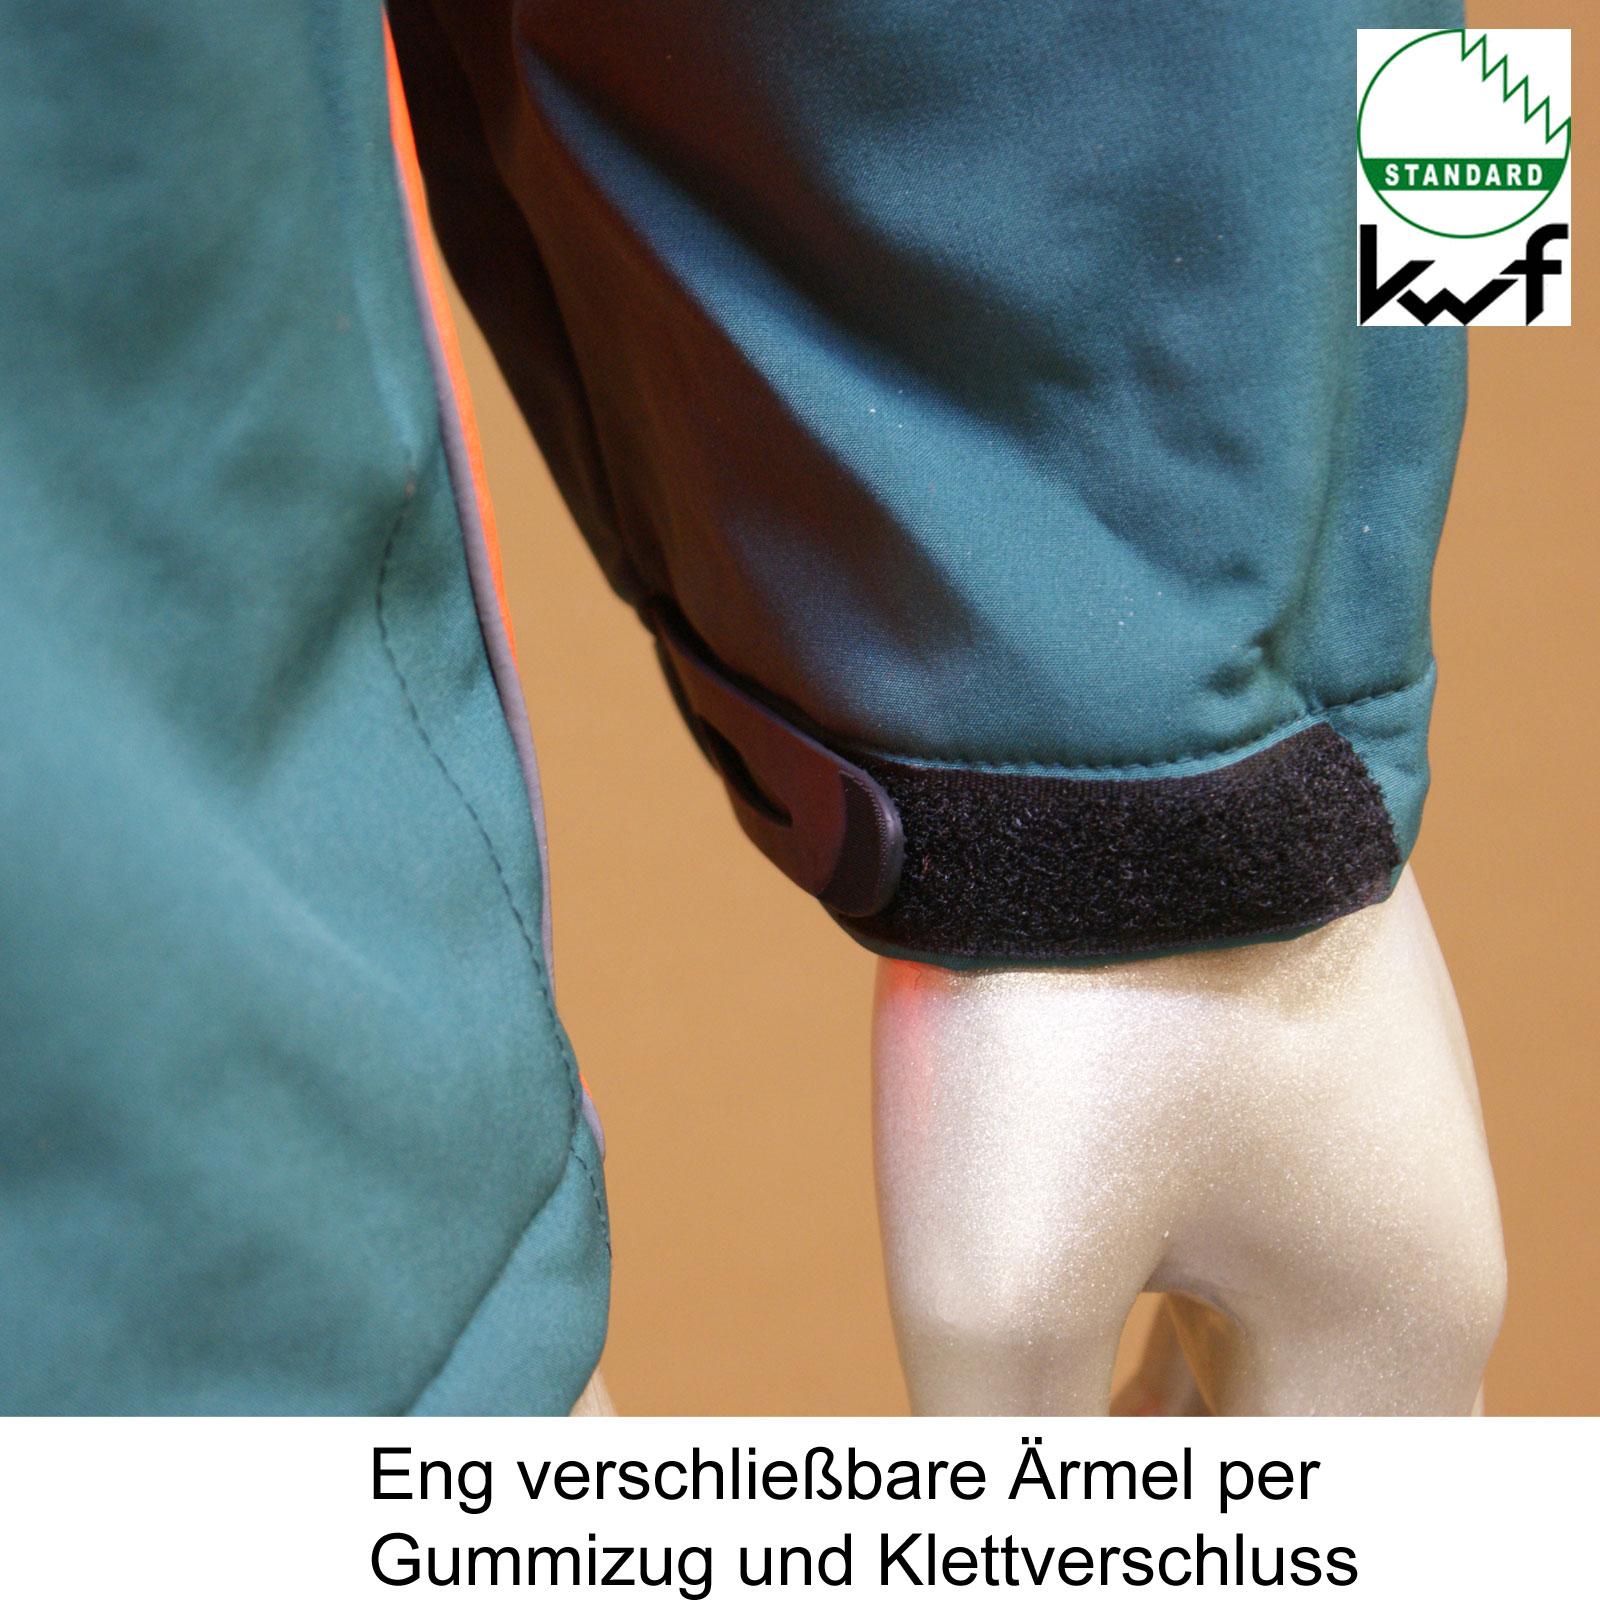 KWF FPA Forst Schnittschutz Set 2-tlg Latzhose + Softshell Jacke, PSA-Forst, Forstbewirtschaftung, Kettensägenschutz, Motorsäge, Forstkleidung, ,